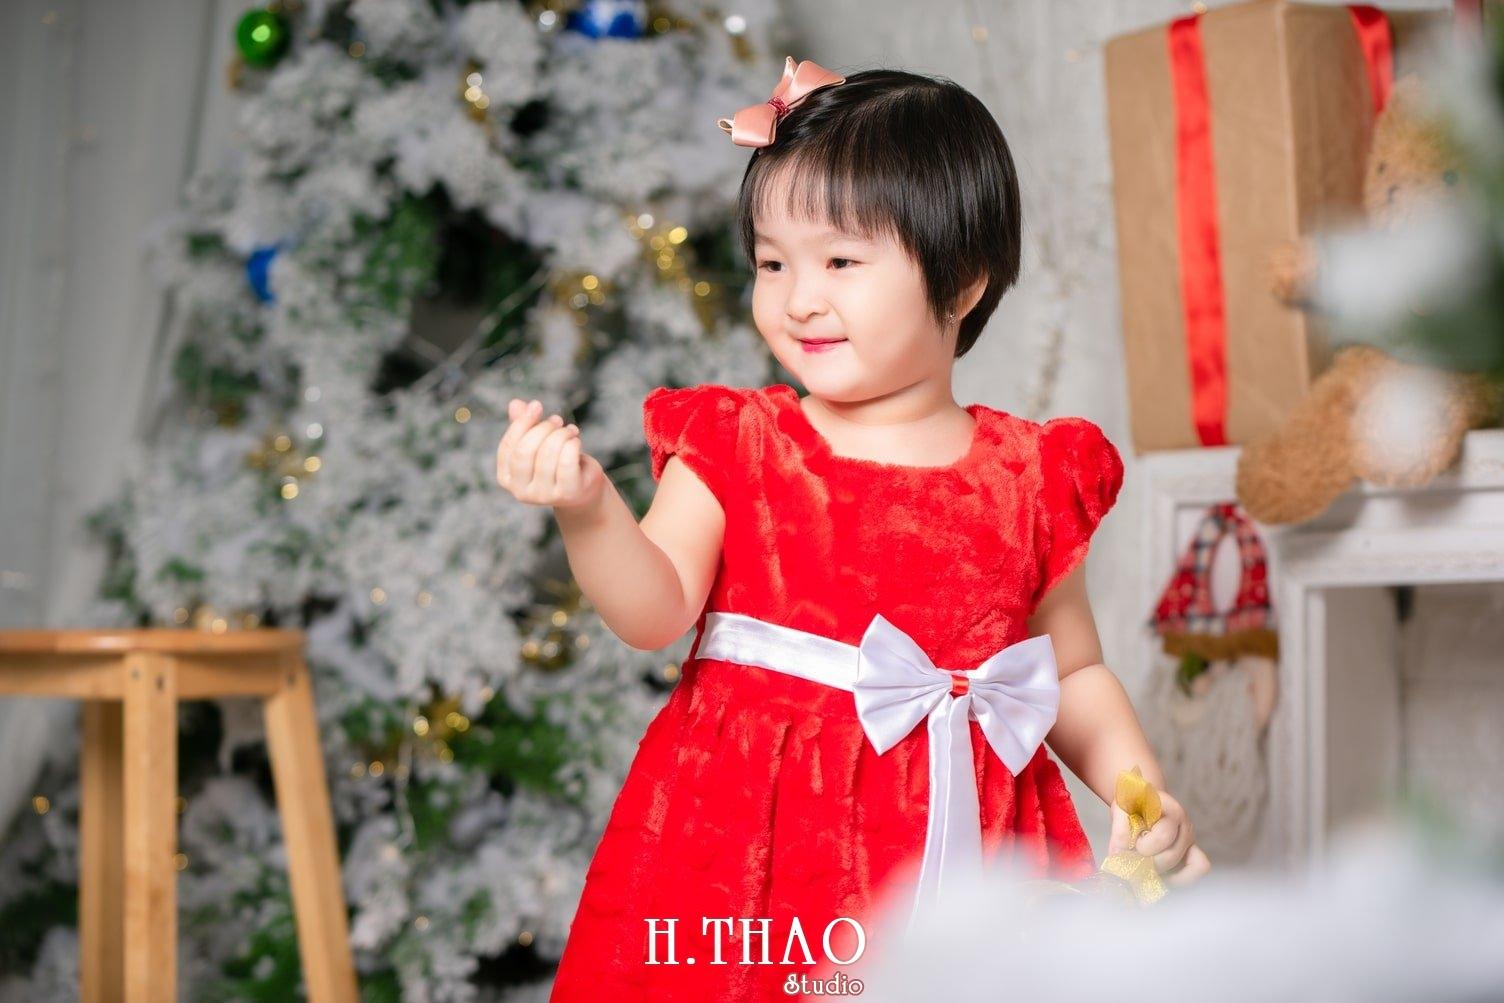 Anh be noel 3 - Album ảnh noel chụp cho con gái cưng chị Linh - HThao Studio